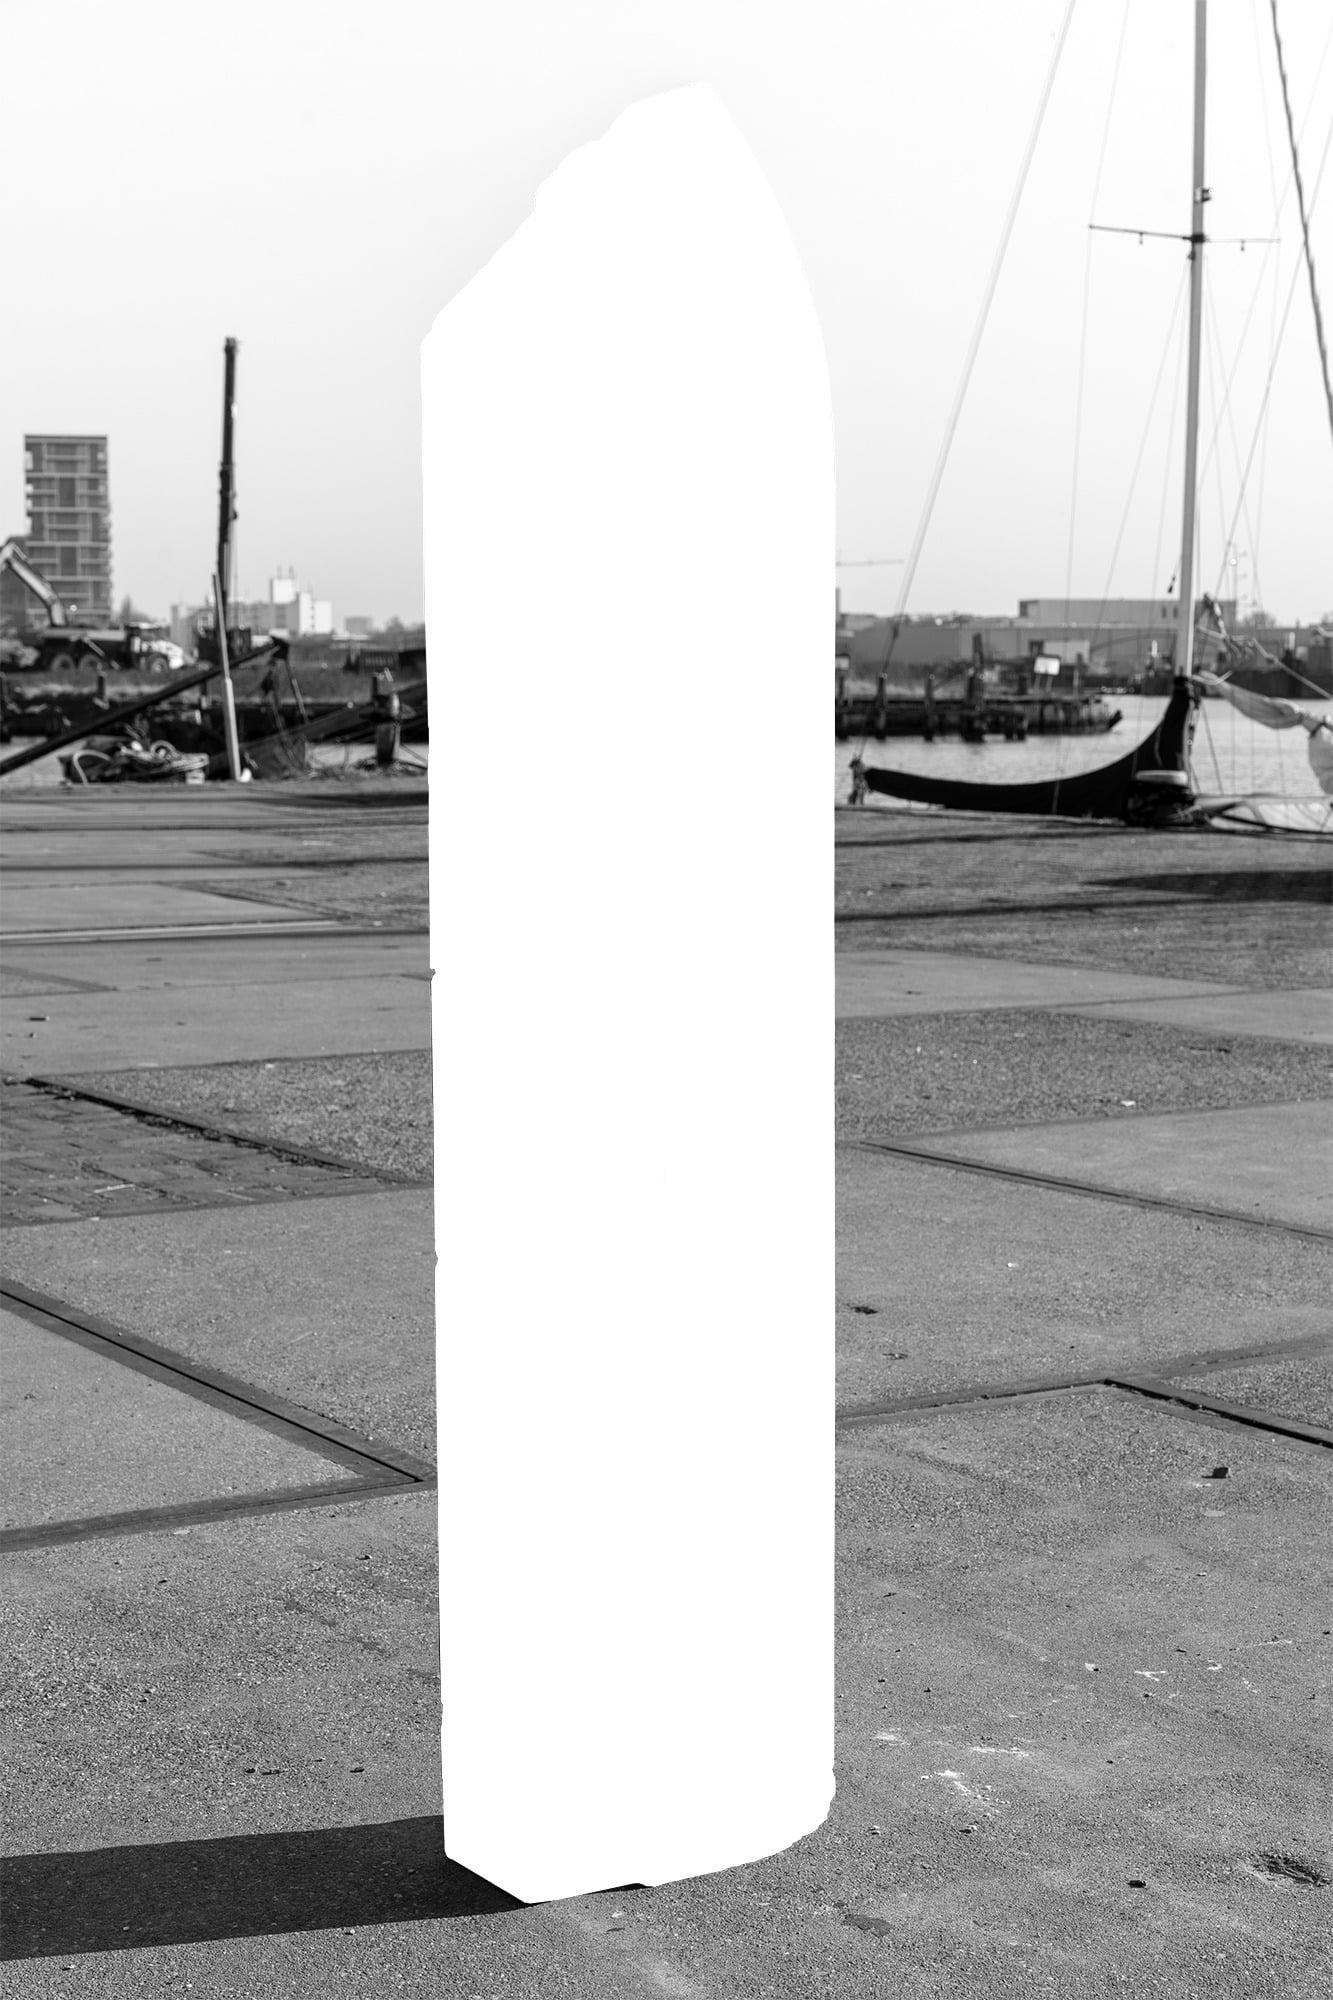 Road surface, Black, Sky, Boat, Asphalt, Black-and-white